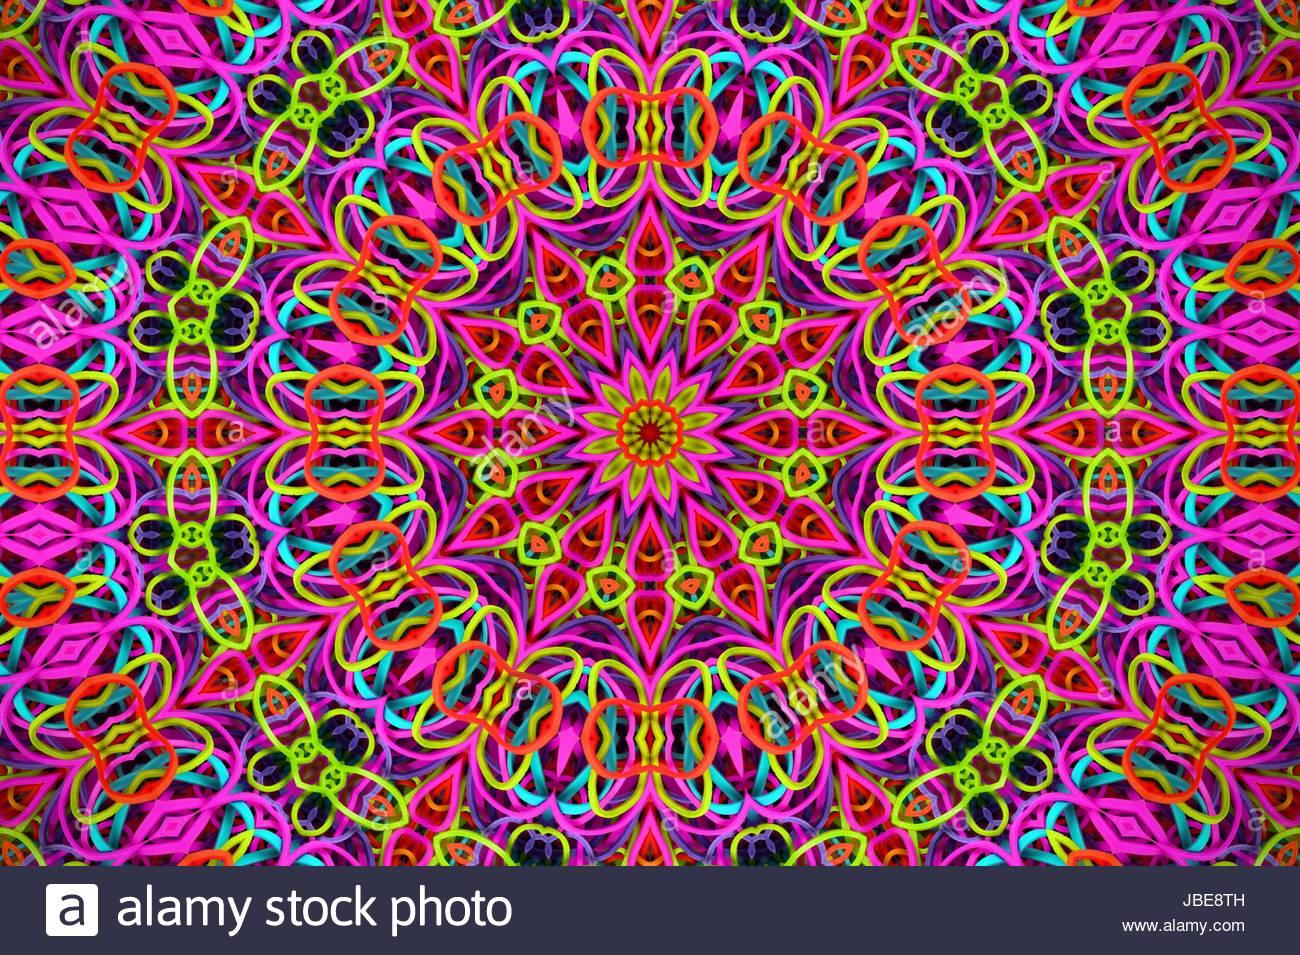 Mandala aus Gummibändchen - Bunte Gummibänder, die zu einem schönen, bunten Mandala Muster geformt - Stock Image